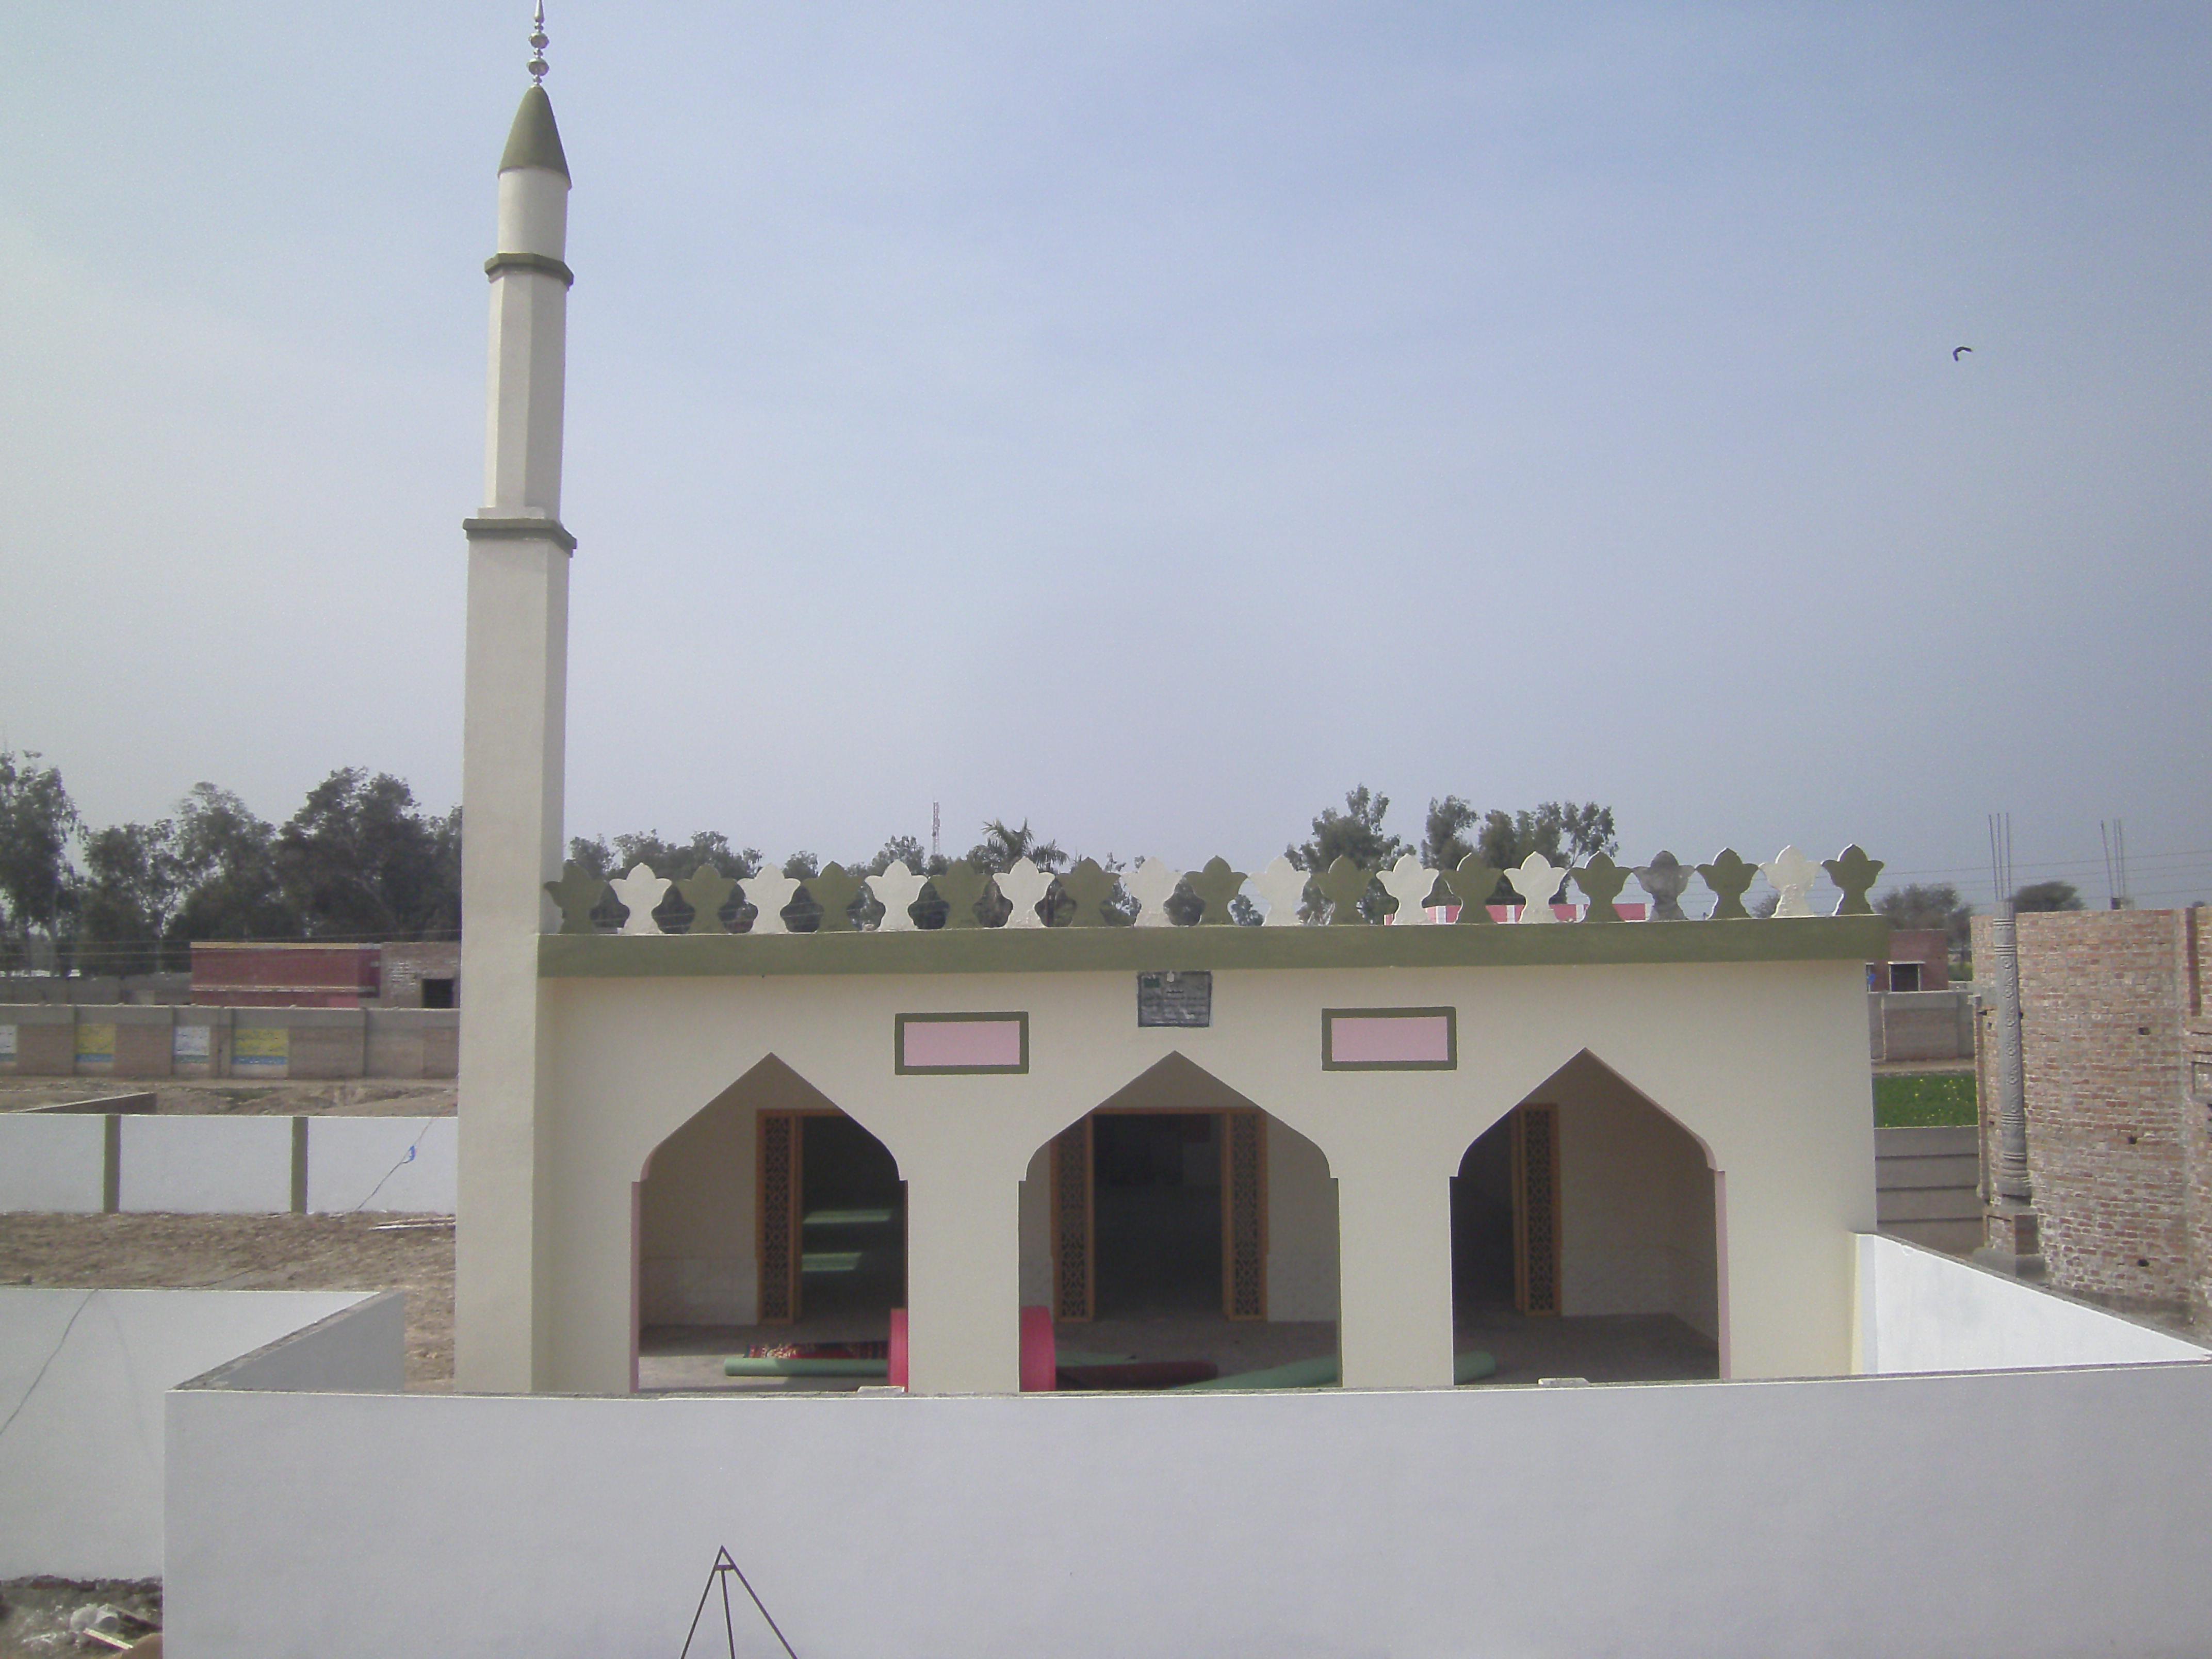 صورة مسجد المغفور لها بإذن الله مستوره بنت عايش الثبيتي (ق/م 267)